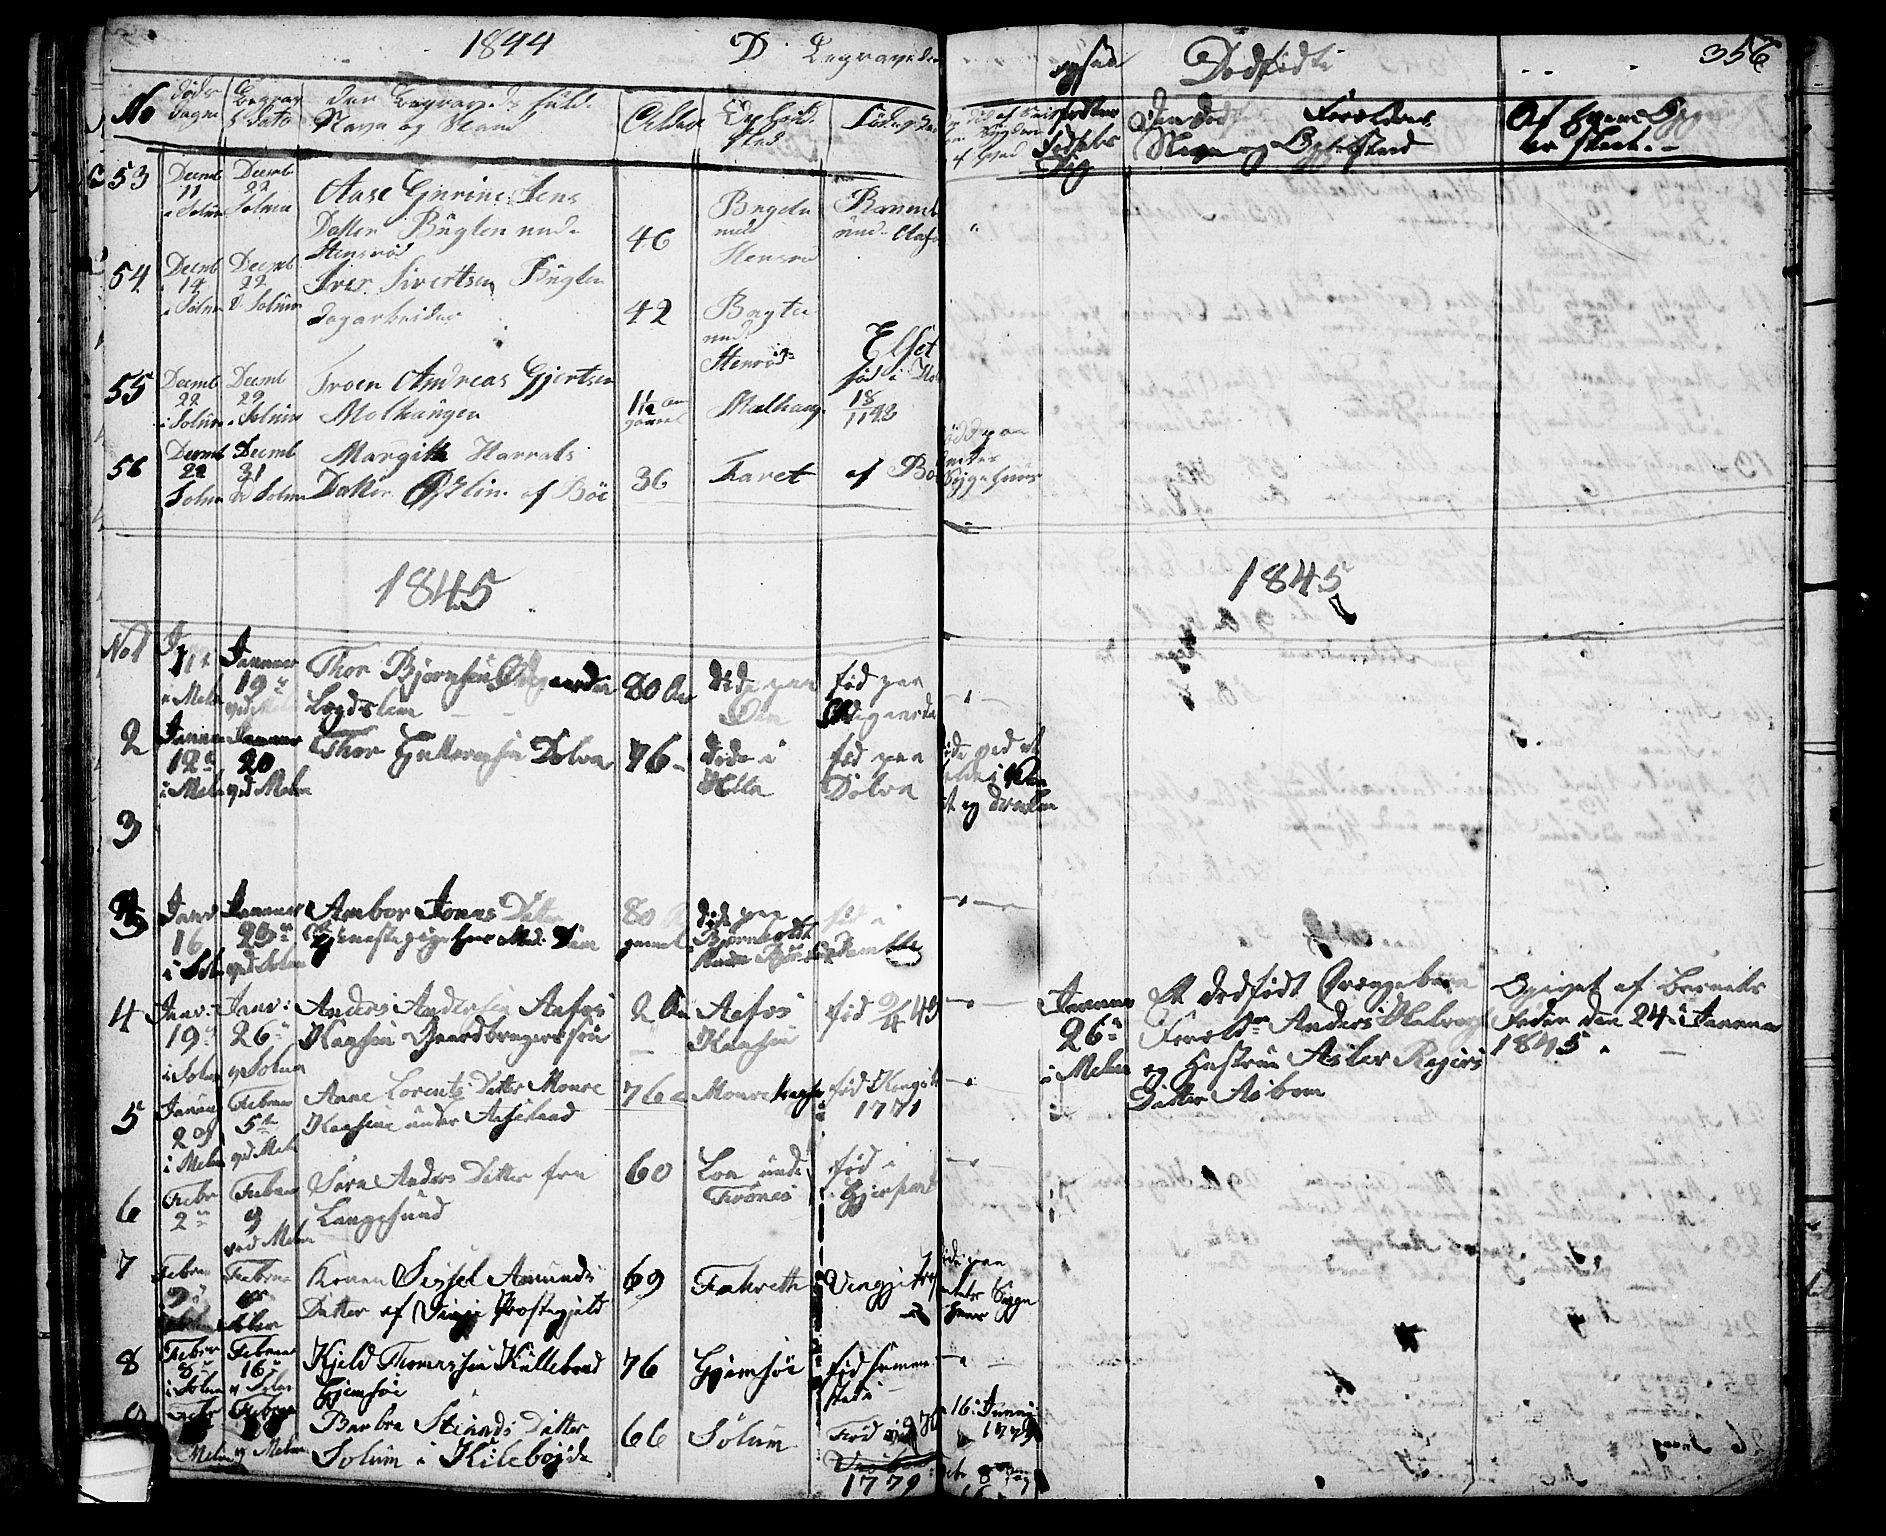 SAKO, Solum kirkebøker, G/Ga/L0002: Klokkerbok nr. I 2, 1834-1848, s. 356